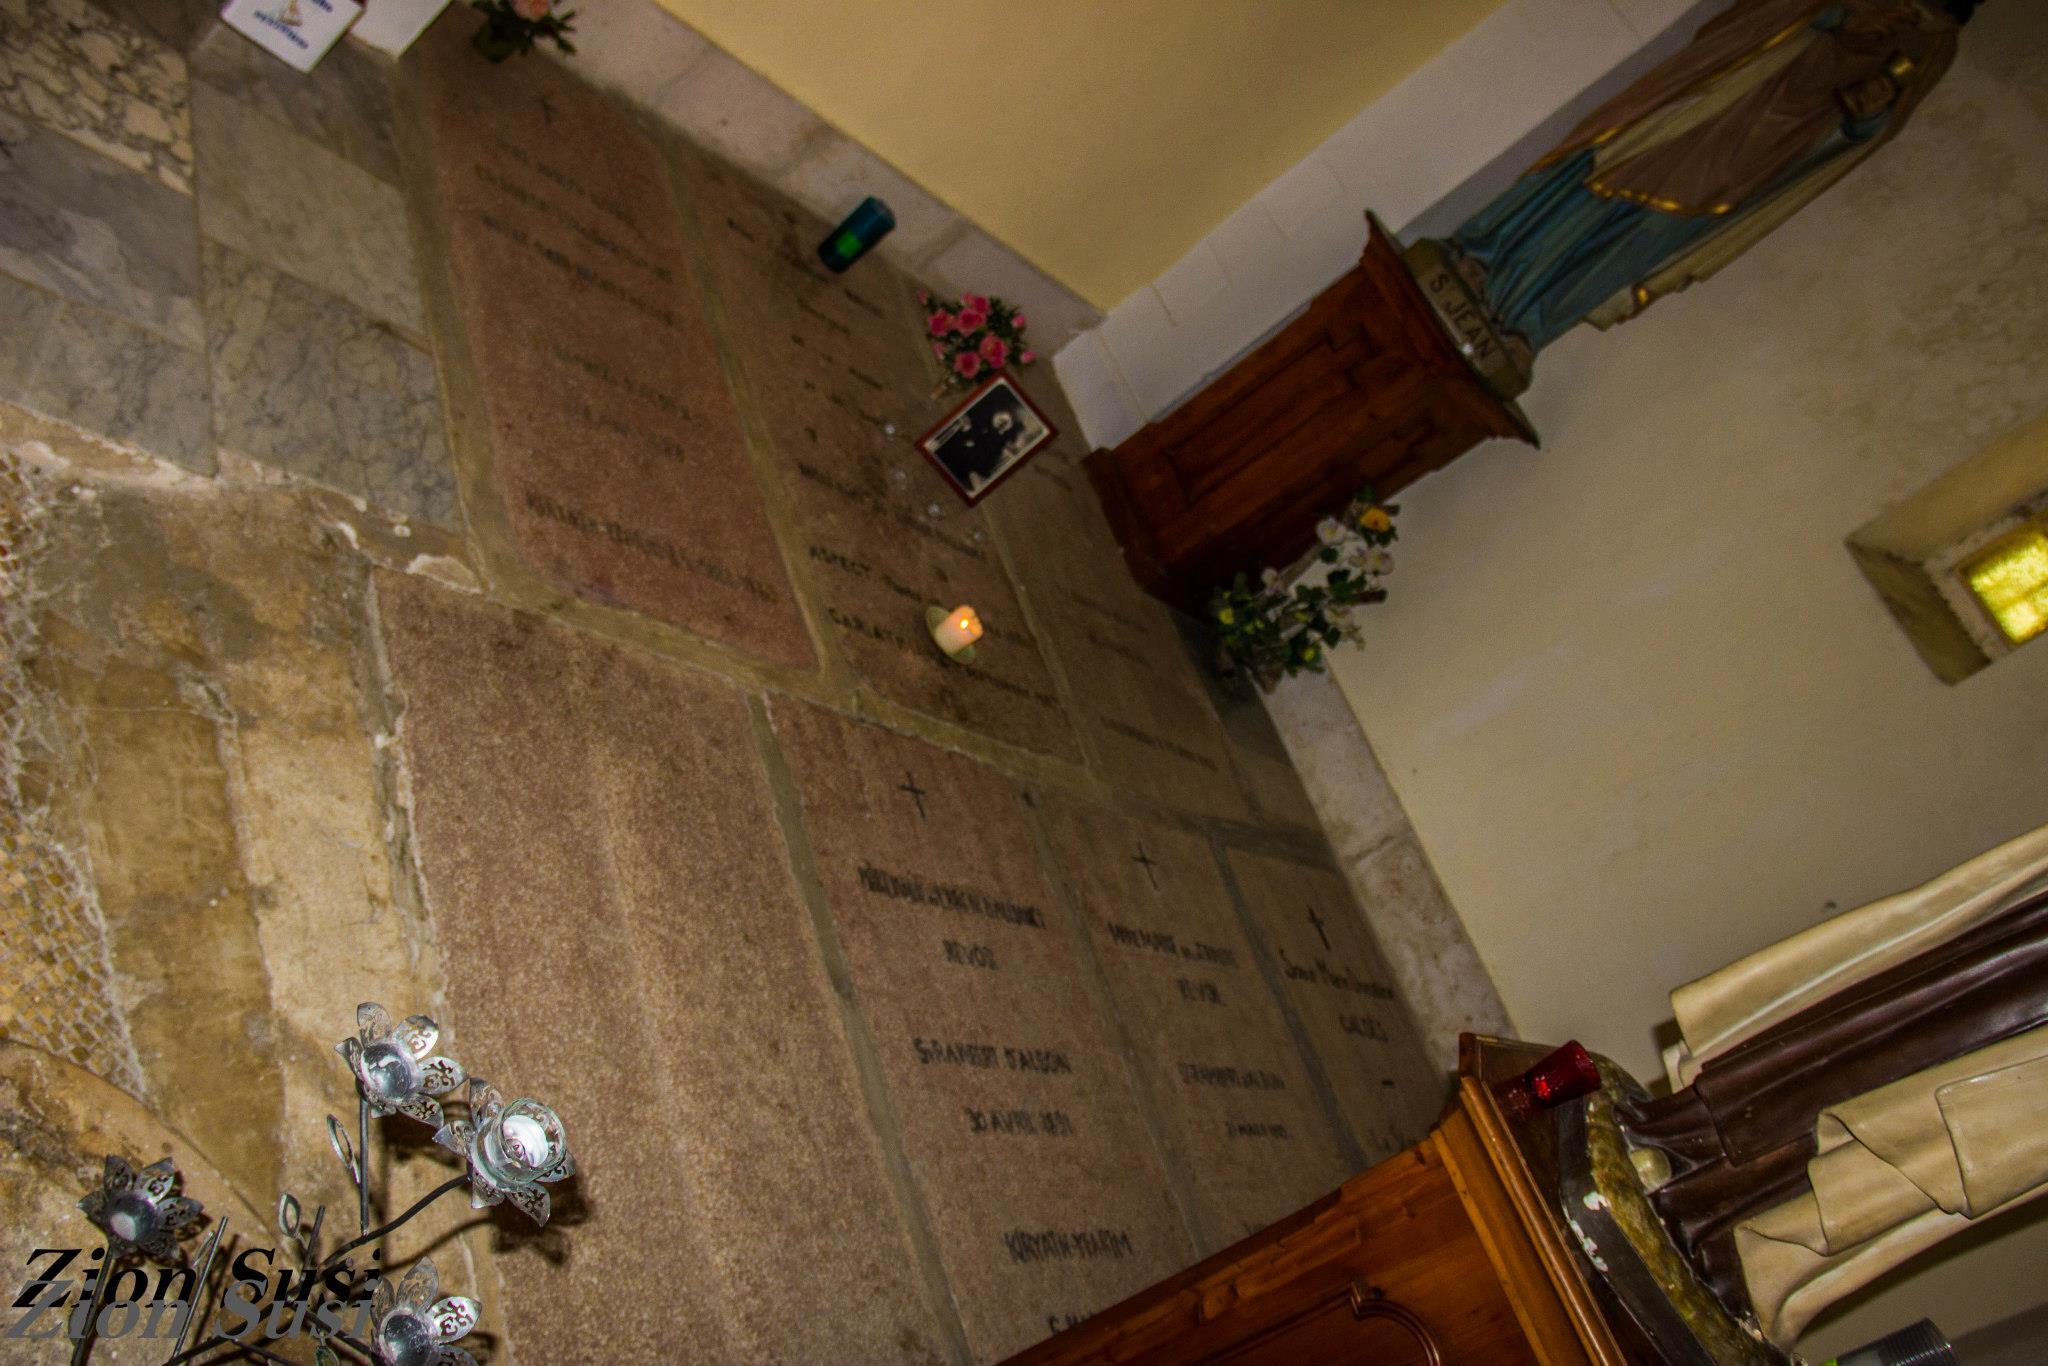 קבר הנזירה האחות ז'וזפין רומב לצד האפסיס